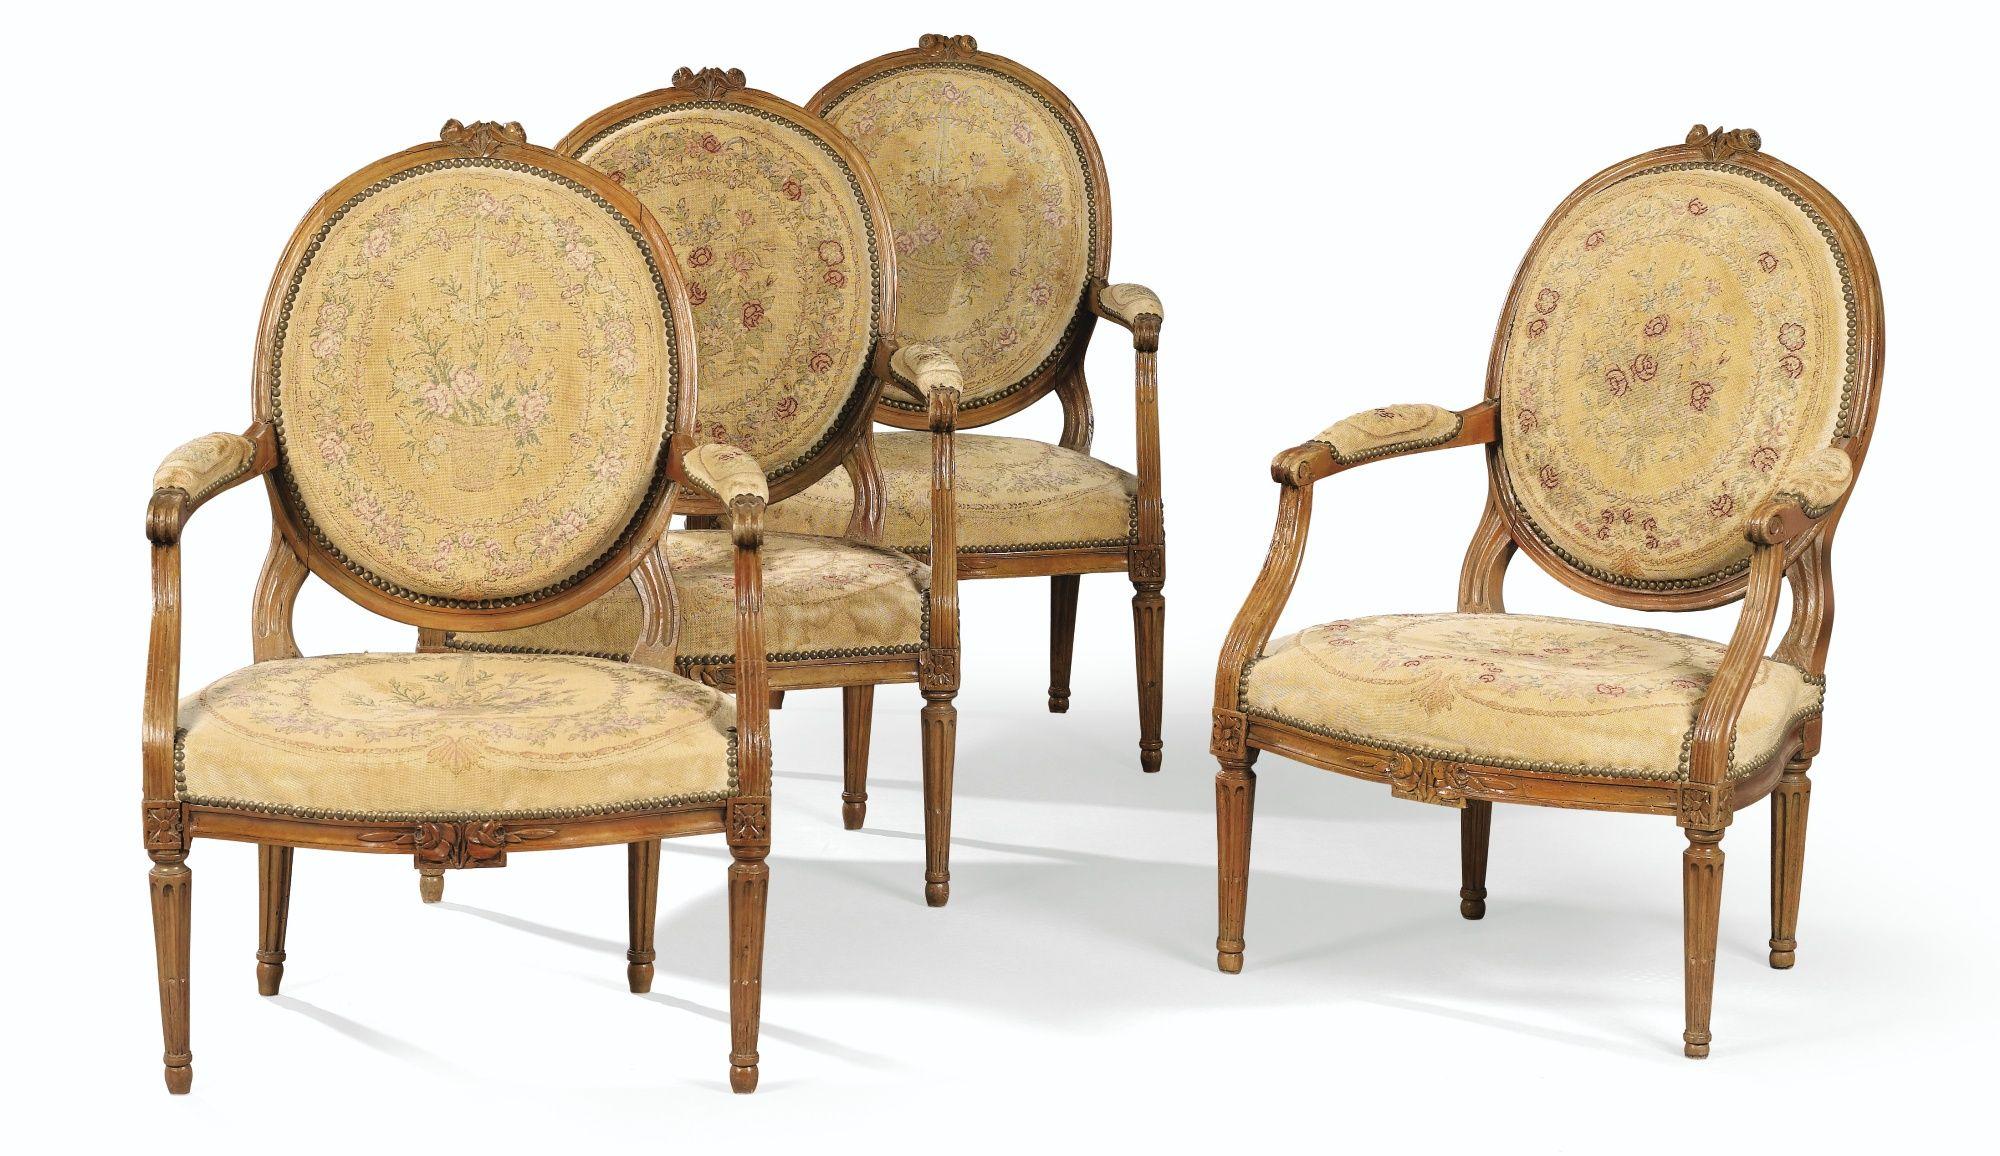 Suite de quatre fauteuils à dossier plat en hêtre sculpté d'époque Louis XVI   lot   Sotheby's